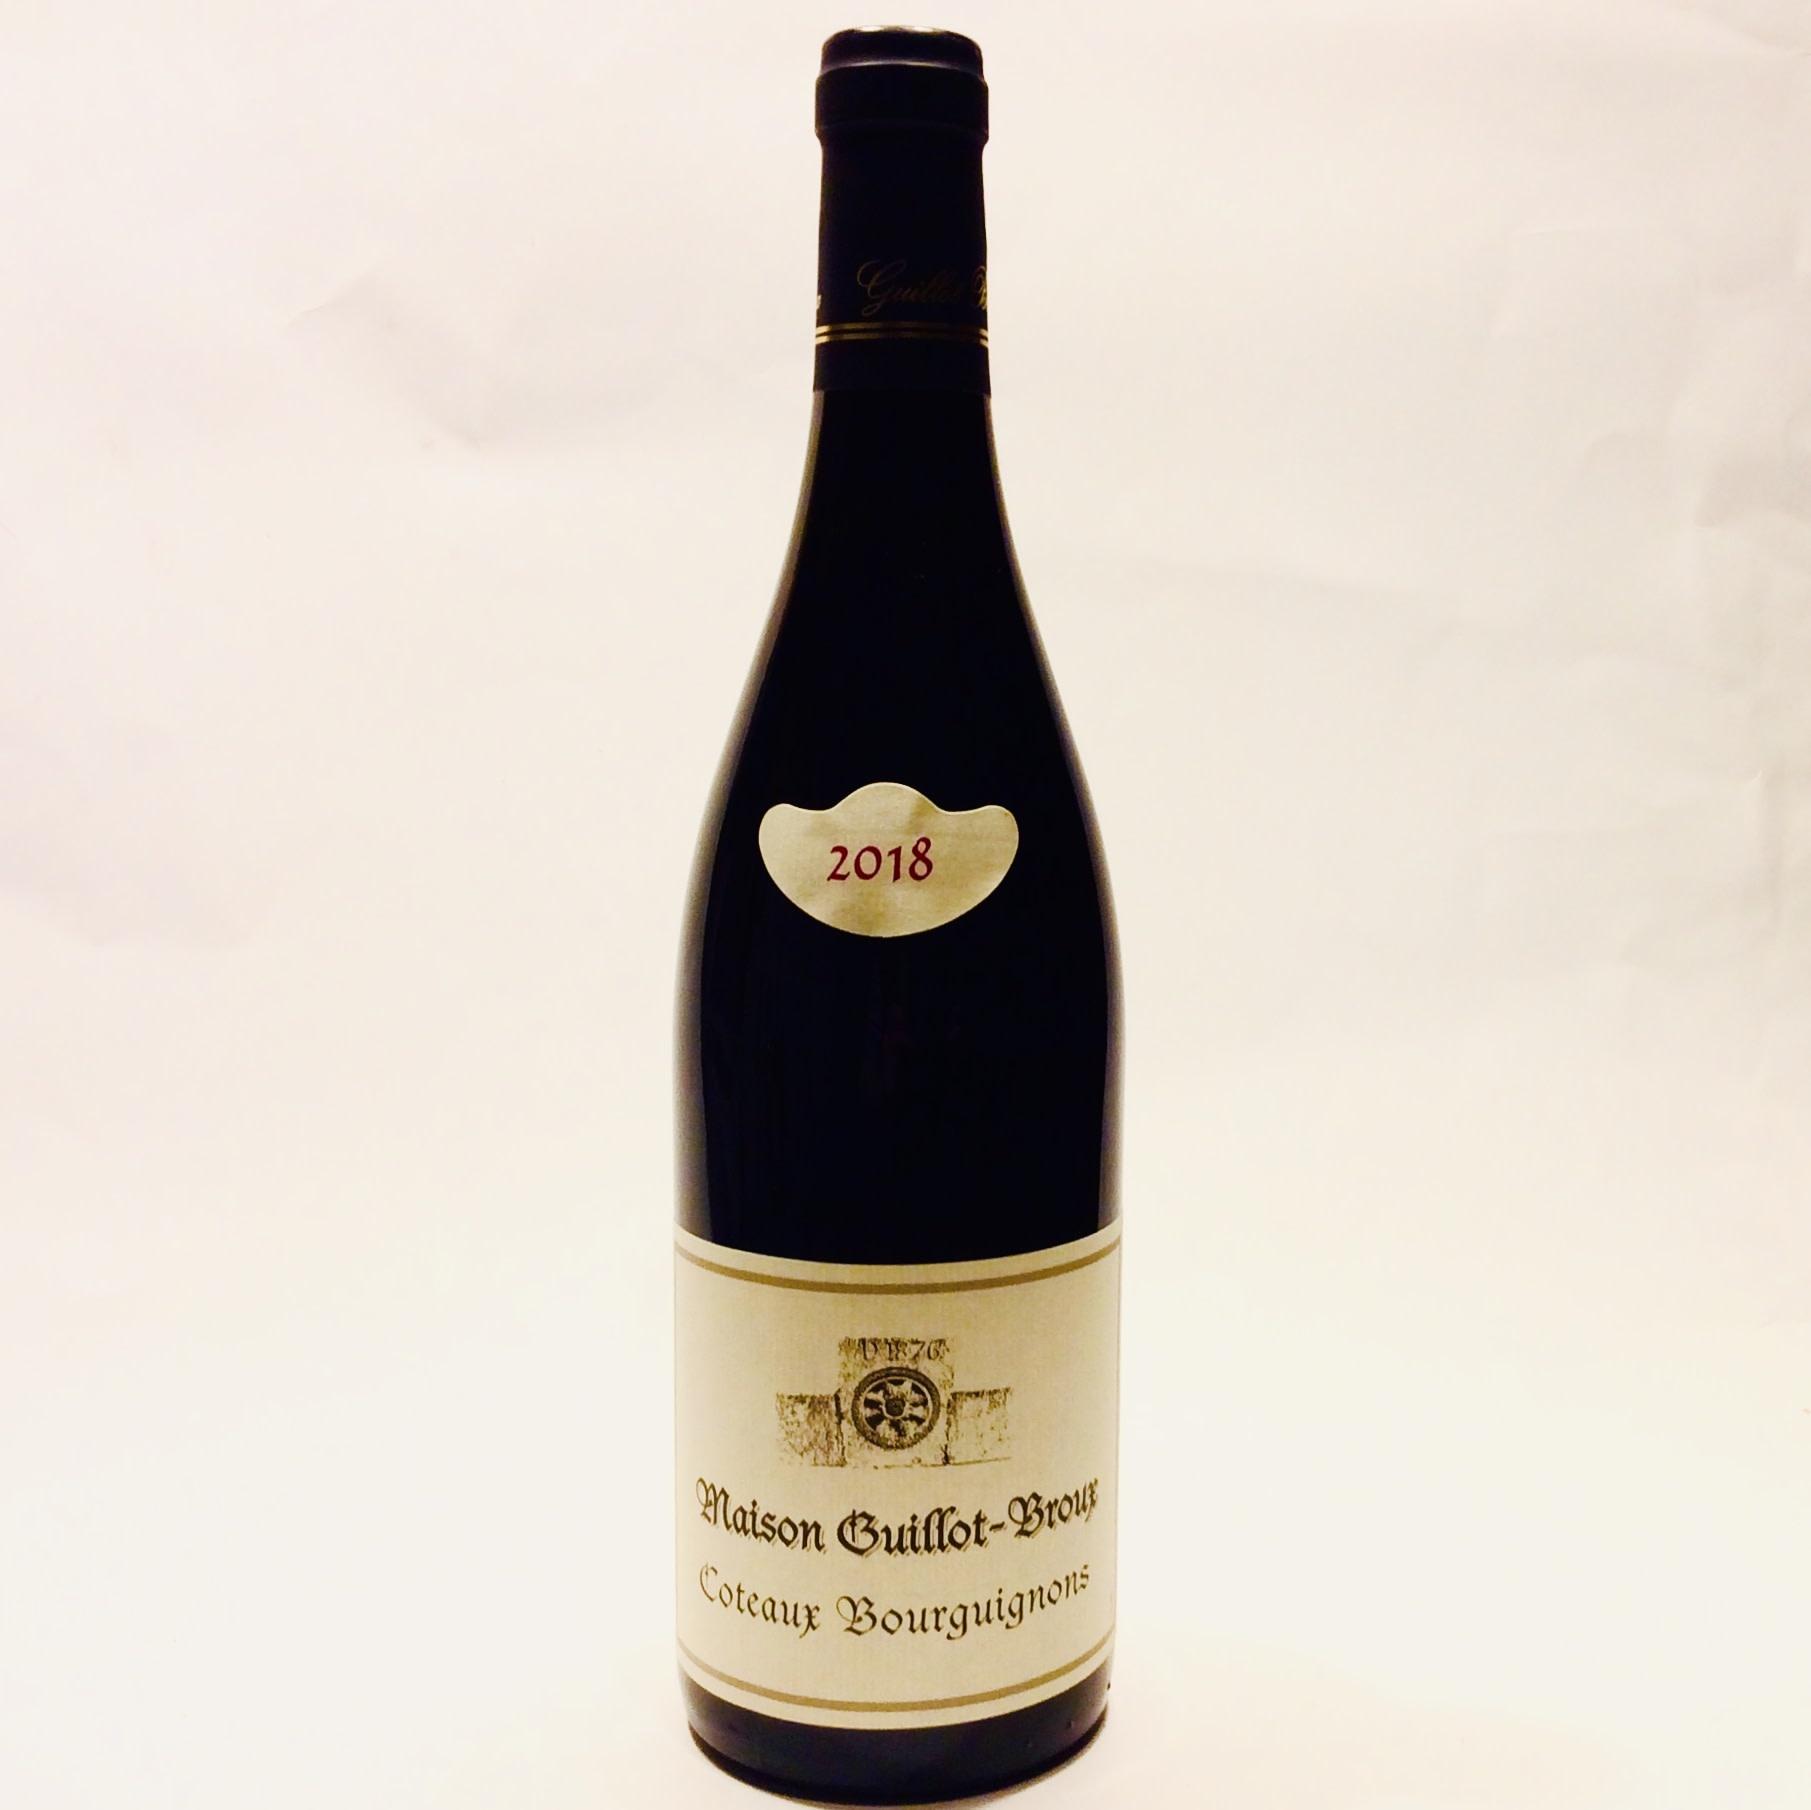 Guillot Broux - Coteaux Bourguignons 2018 (750 ml)